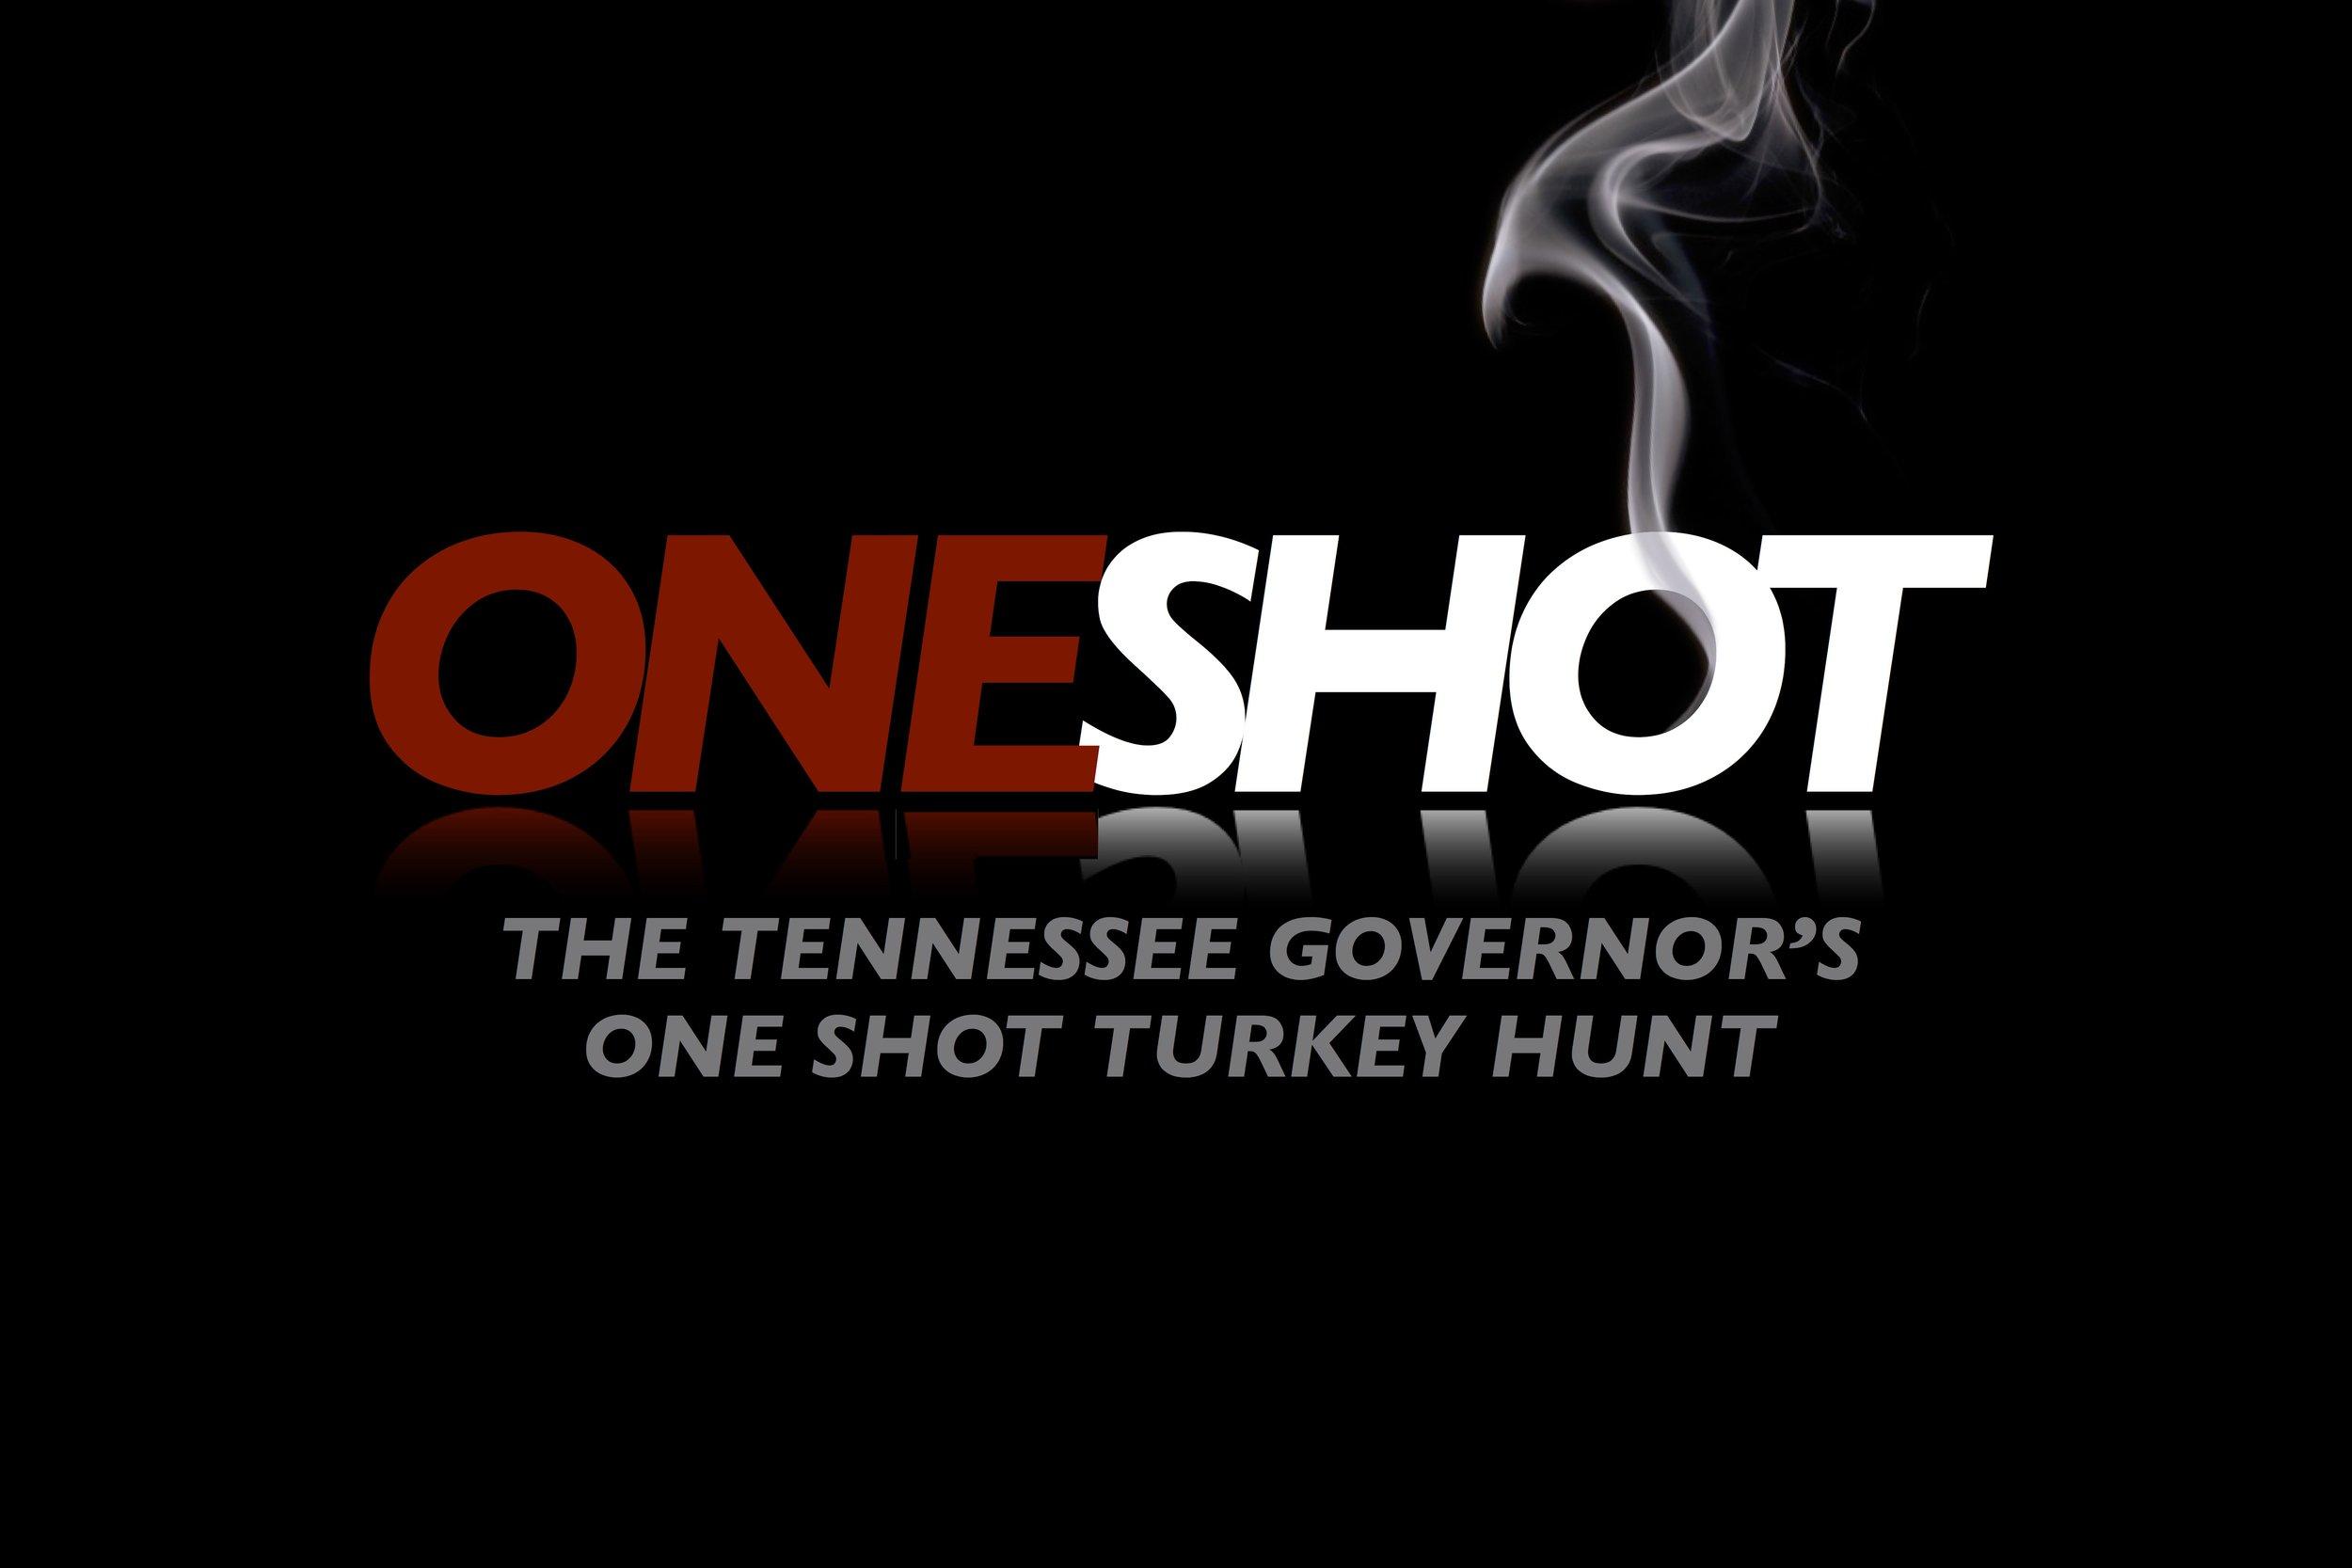 ONESHOT smoke 3 - Version 2.jpg